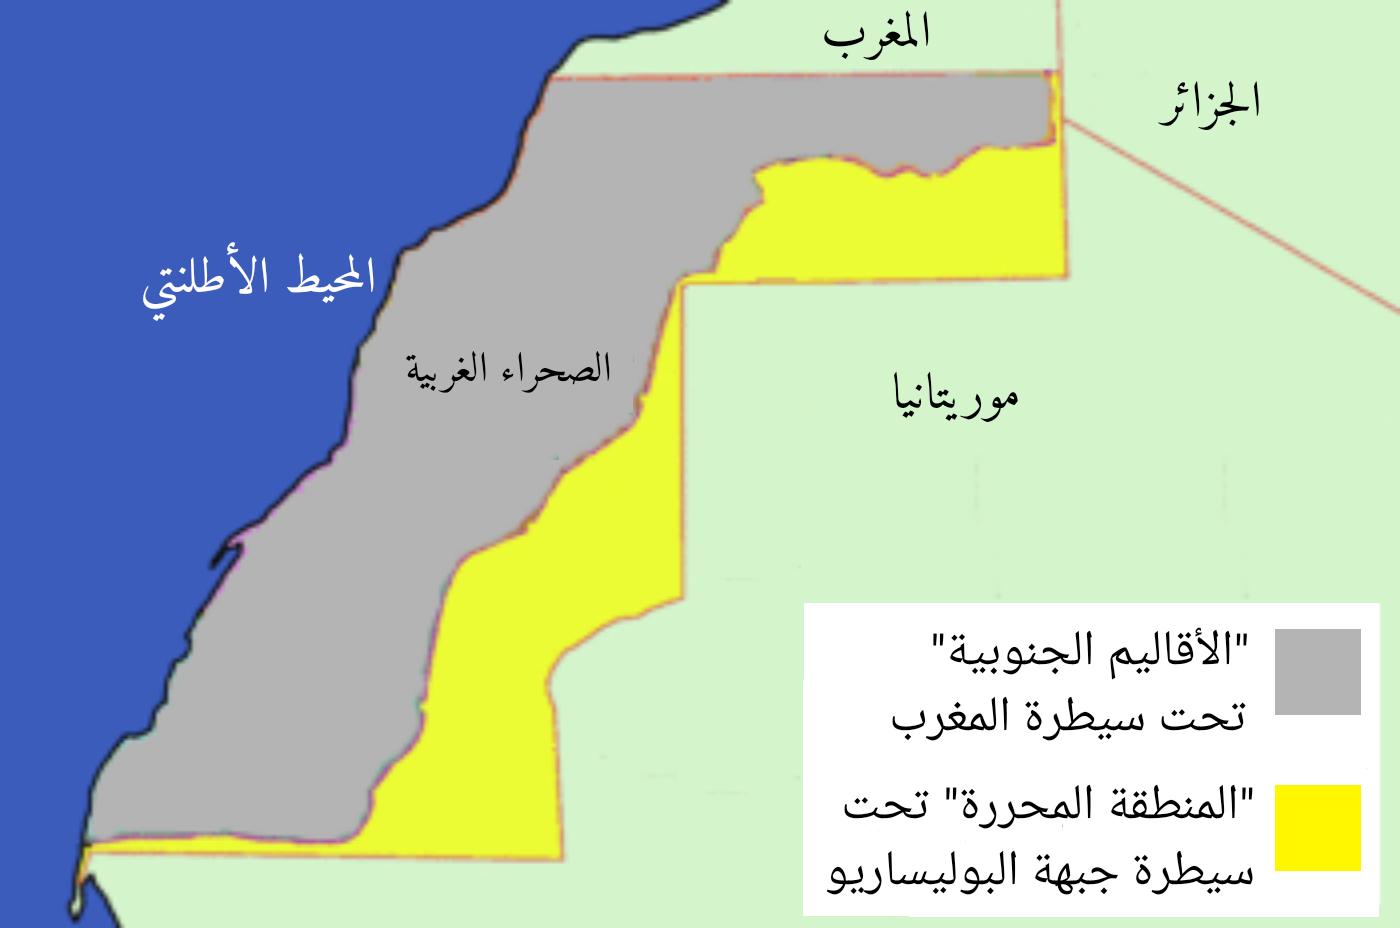 احتجاجات الصحراء الغربية 2011 ويكيبيديا